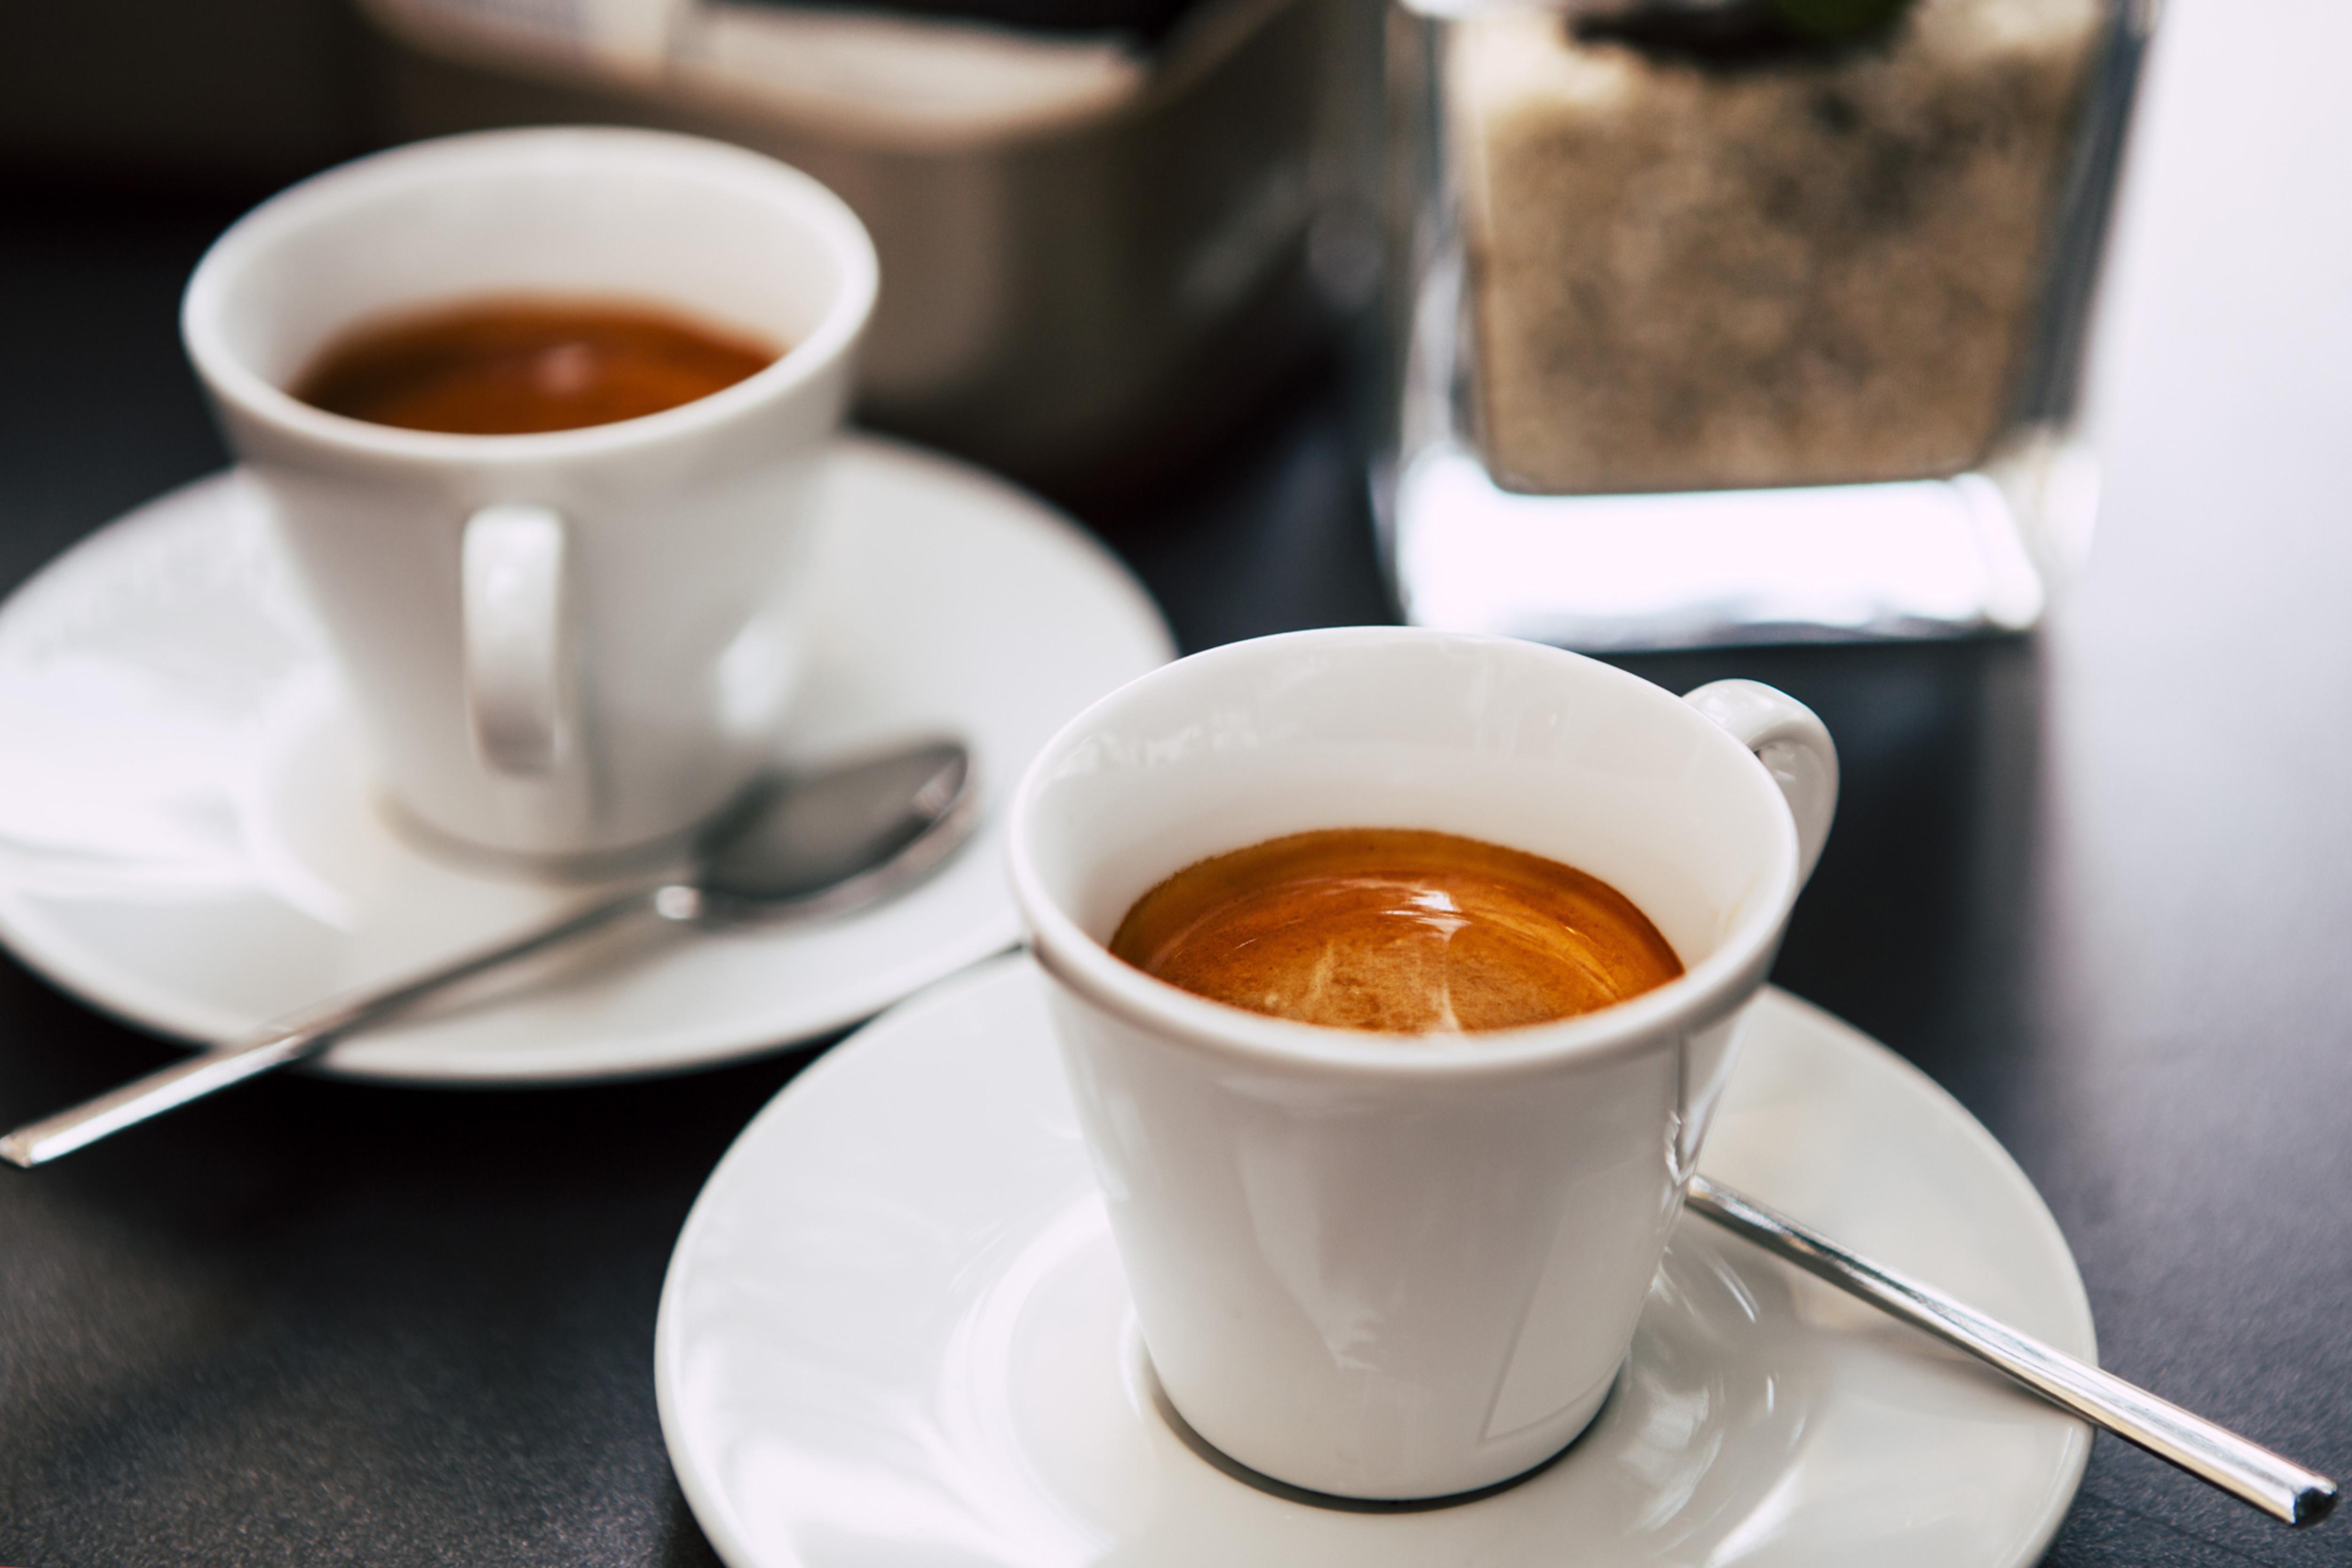 The Espresso